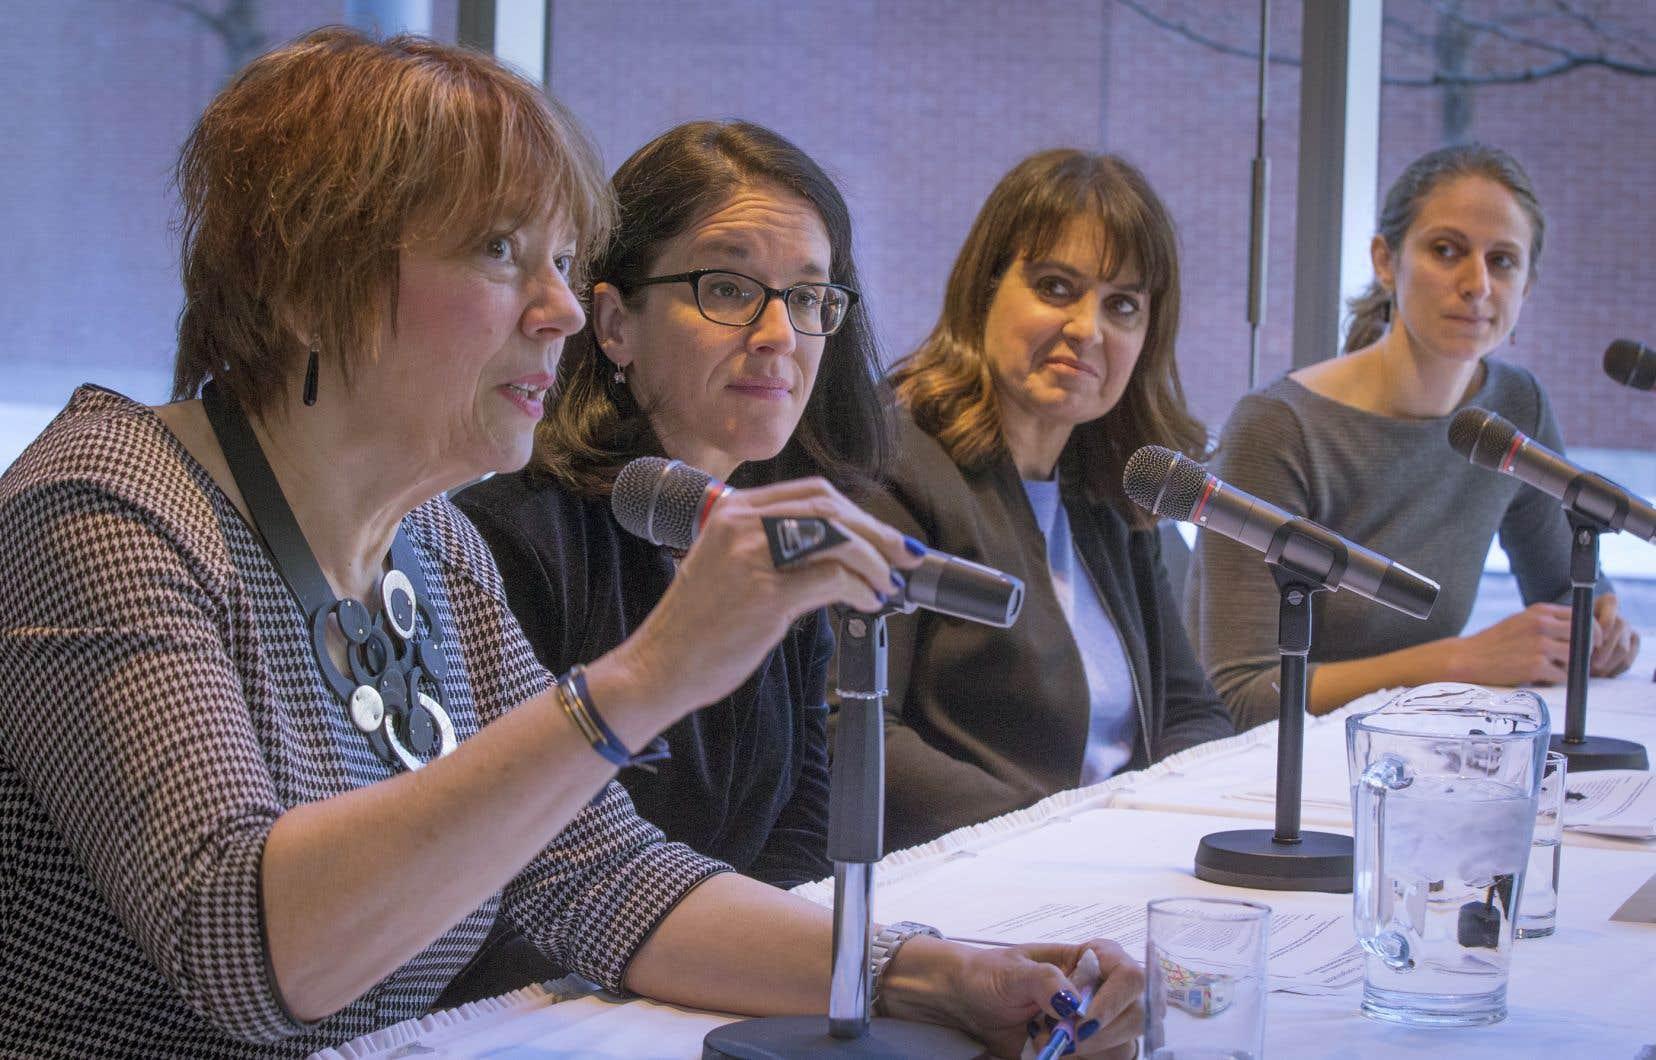 Hélène David, Sonia Lebel, Véronique Hivon et Christine Labrie en mars 2019, lors de la mise sur pied du comité d'experts sur l'accompagnement des victimes d'agressions sexuelles et de violence conjugale.